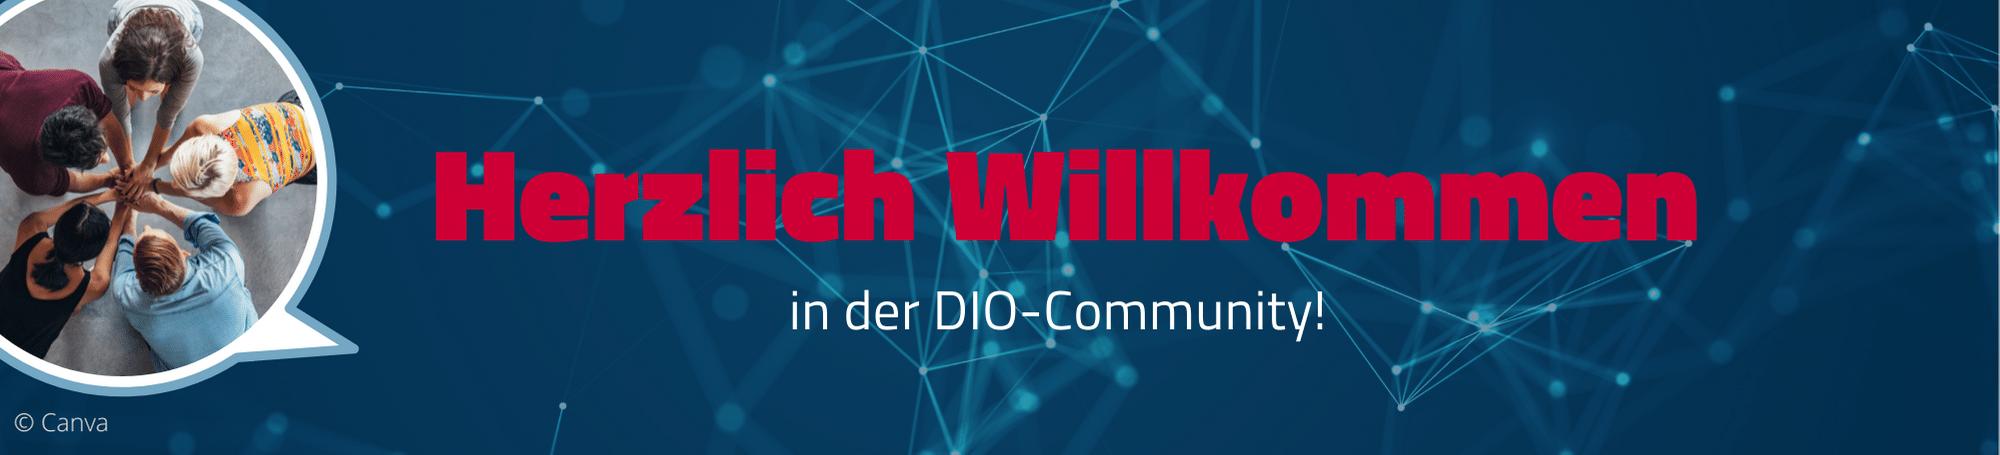 Herzlich Willkommen in der DIO Community